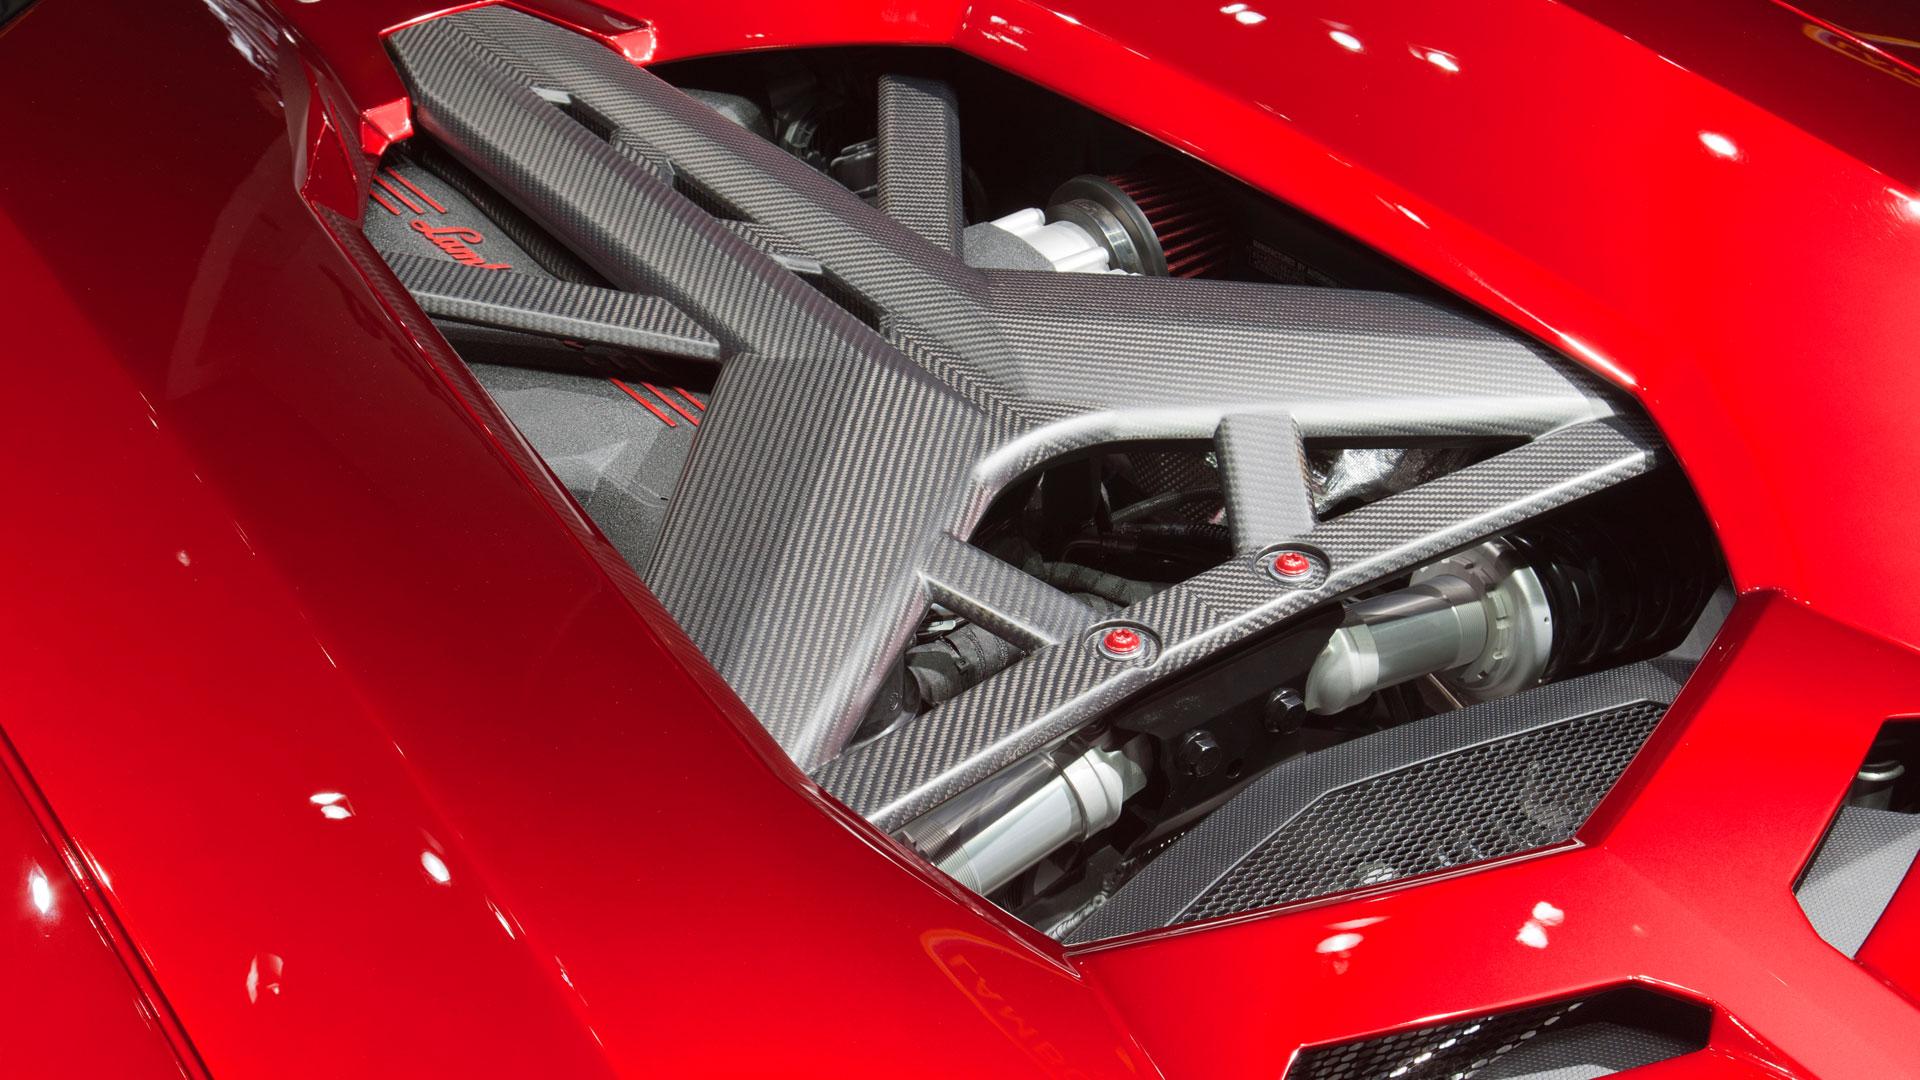 Lamborghini Aventador J-เครื่องยนต์